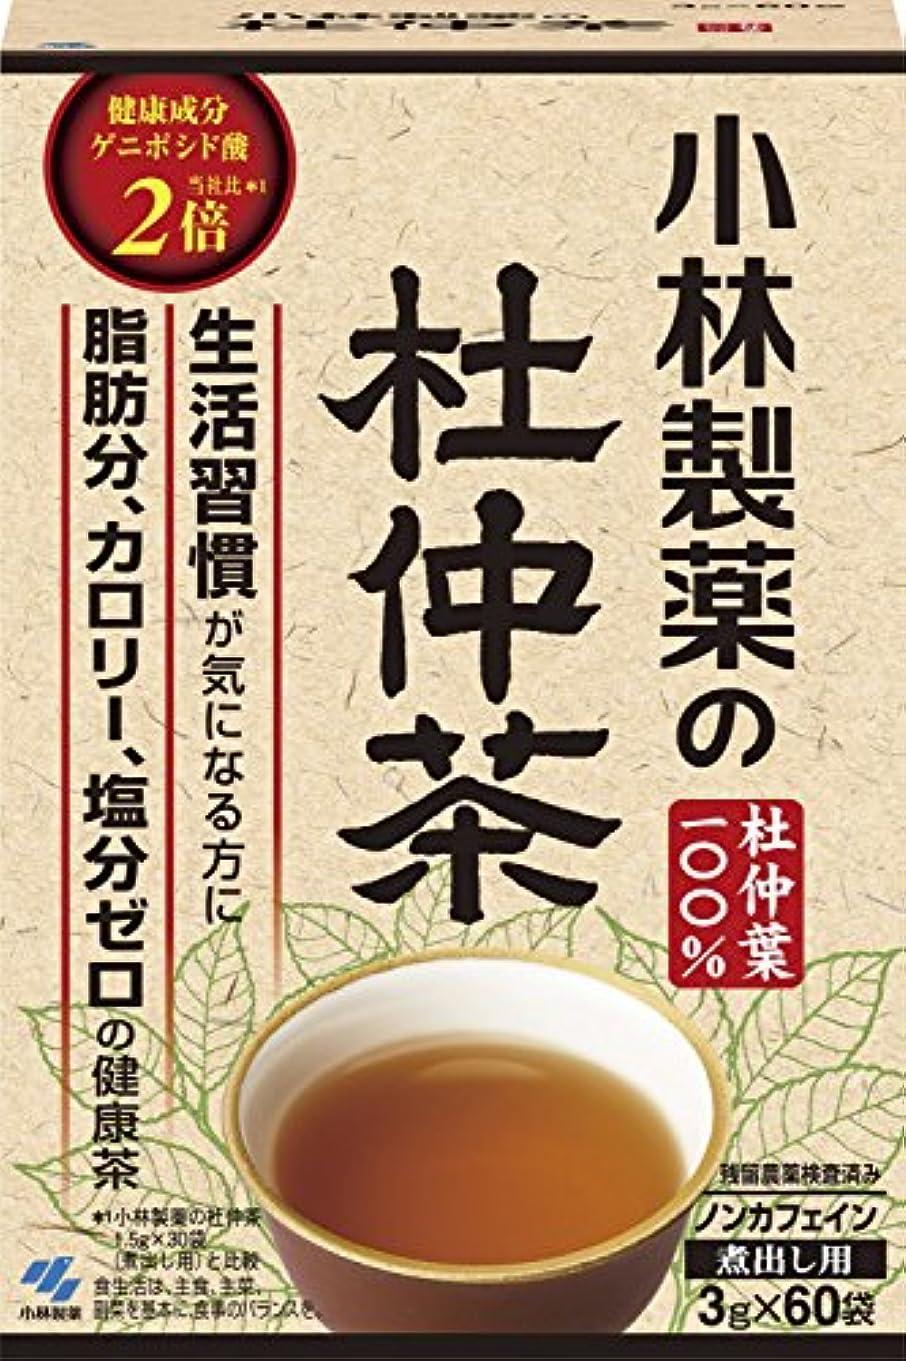 現代無しホスト小林製薬の杜仲茶 3g×60袋